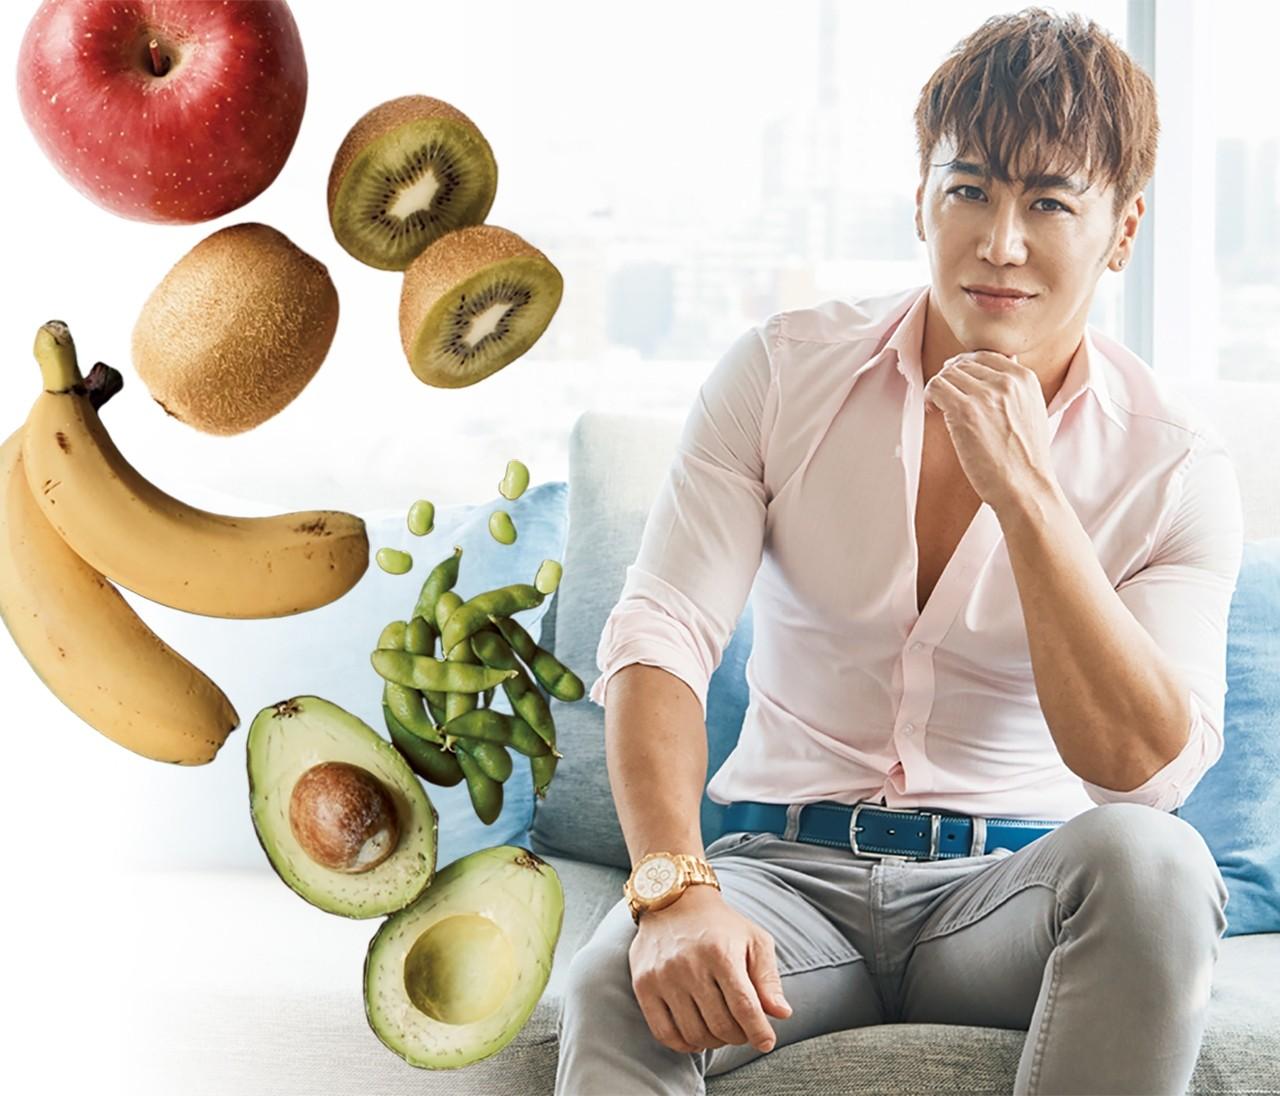 【Atsushi流・痩せる&美しくなる食べ方の知識まとめ】ダイエットも肌悩みも不調も解決できます!